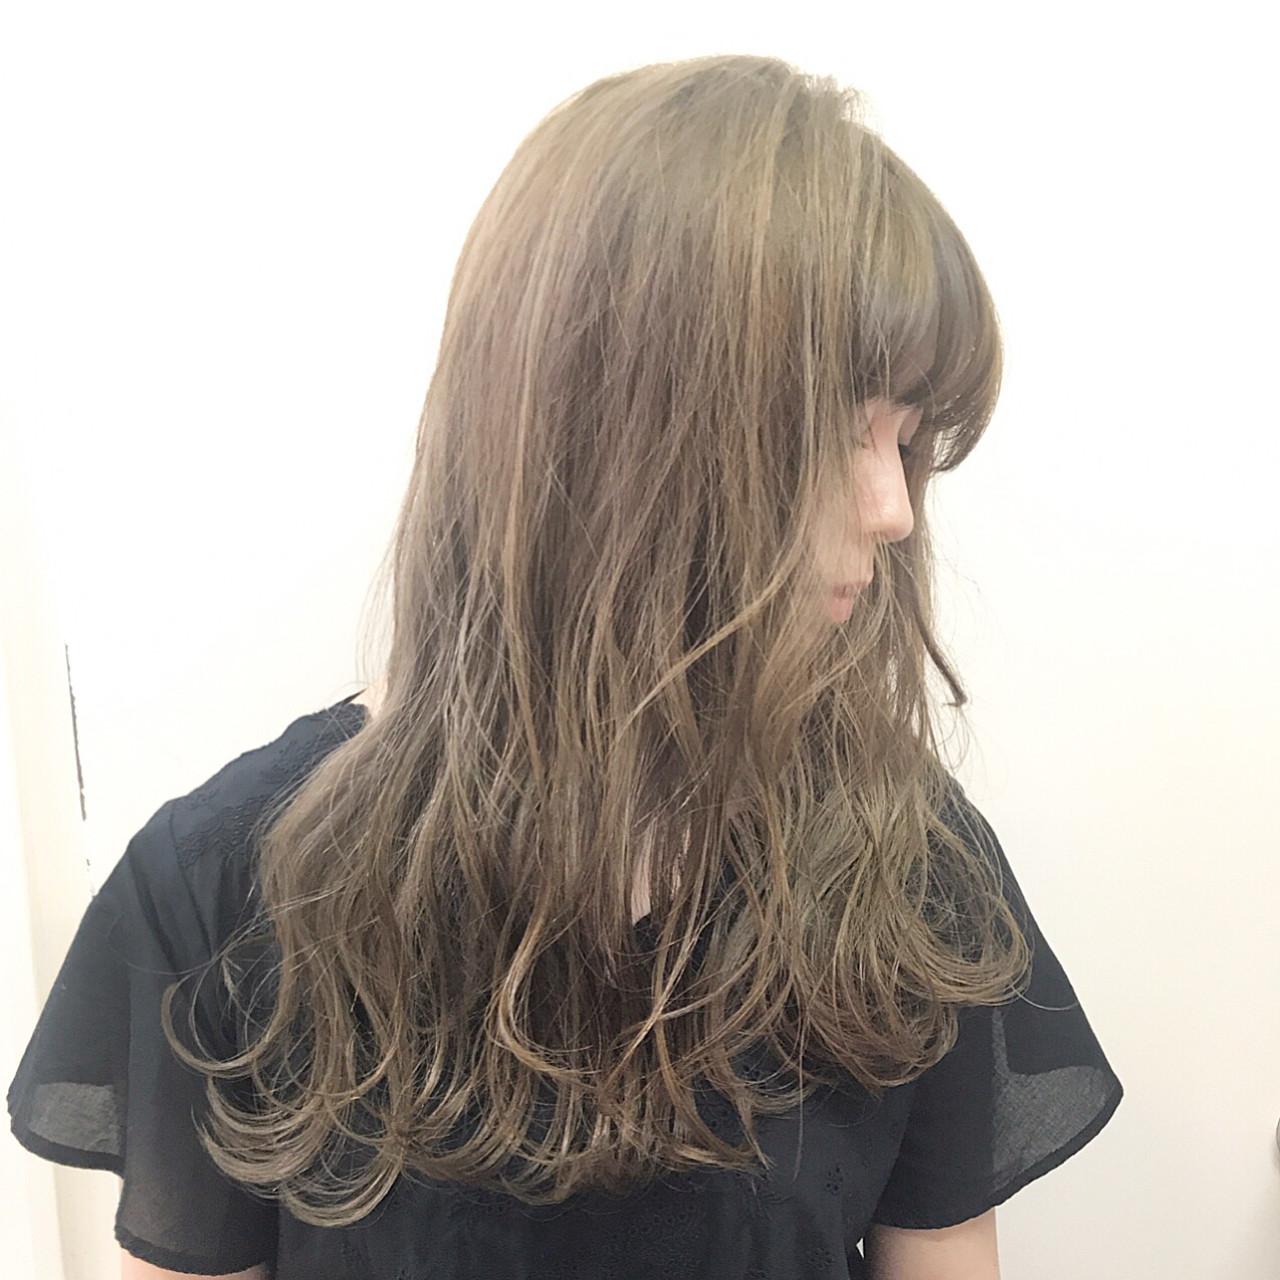 透明感 ハイライト 秋 アッシュ ヘアスタイルや髪型の写真・画像